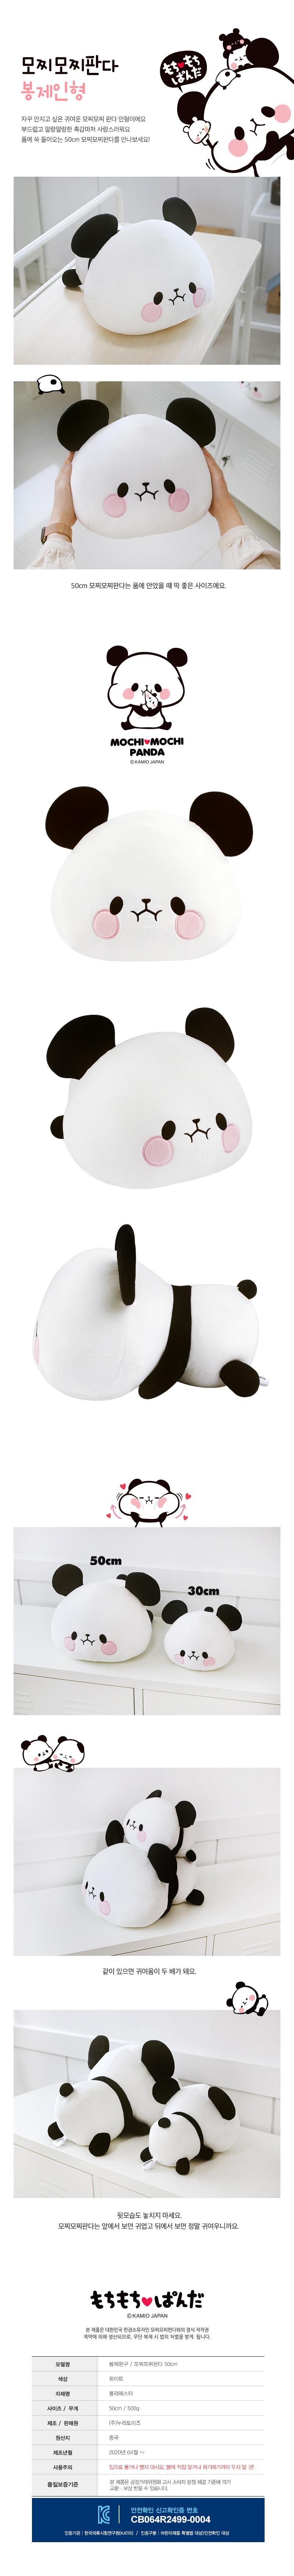 모찌모찌판다 봉제인형 50cm - 누리토이즈, 36,000원, 캐릭터인형, 기타 캐릭터 인형